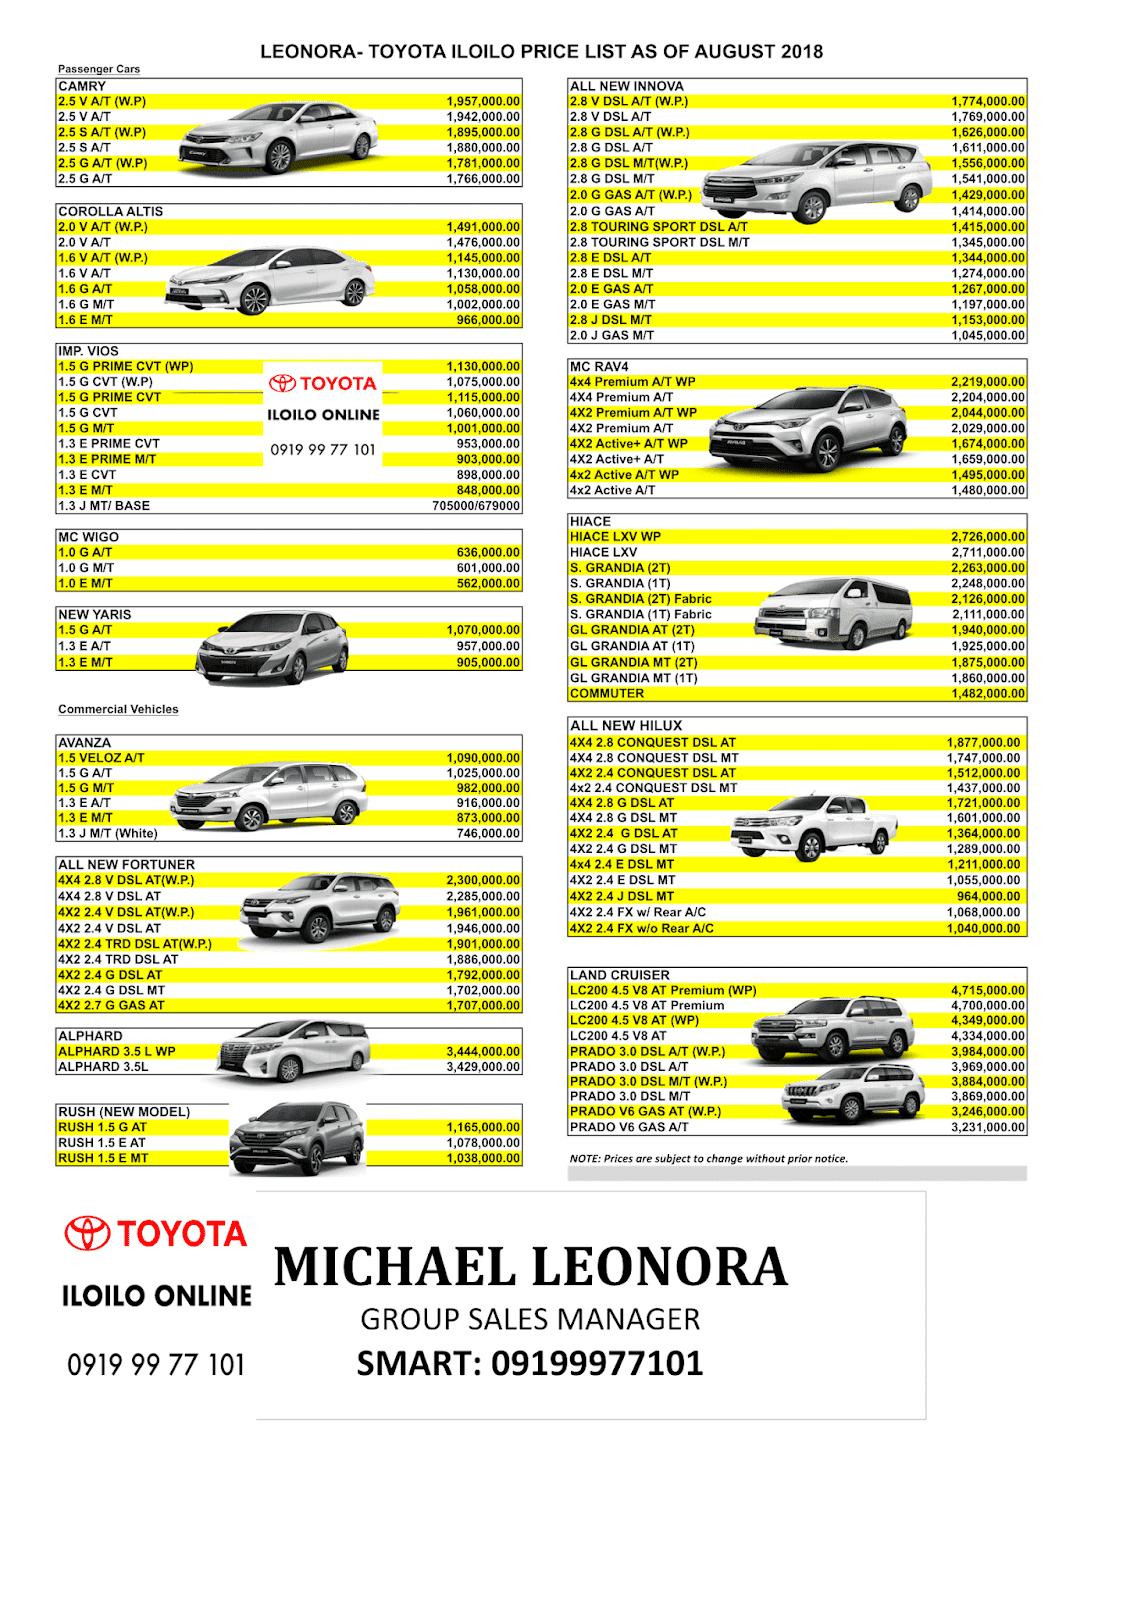 Toyota Iloilo Online By Mr Leonora Toyota Iloilo Latest Pricelist